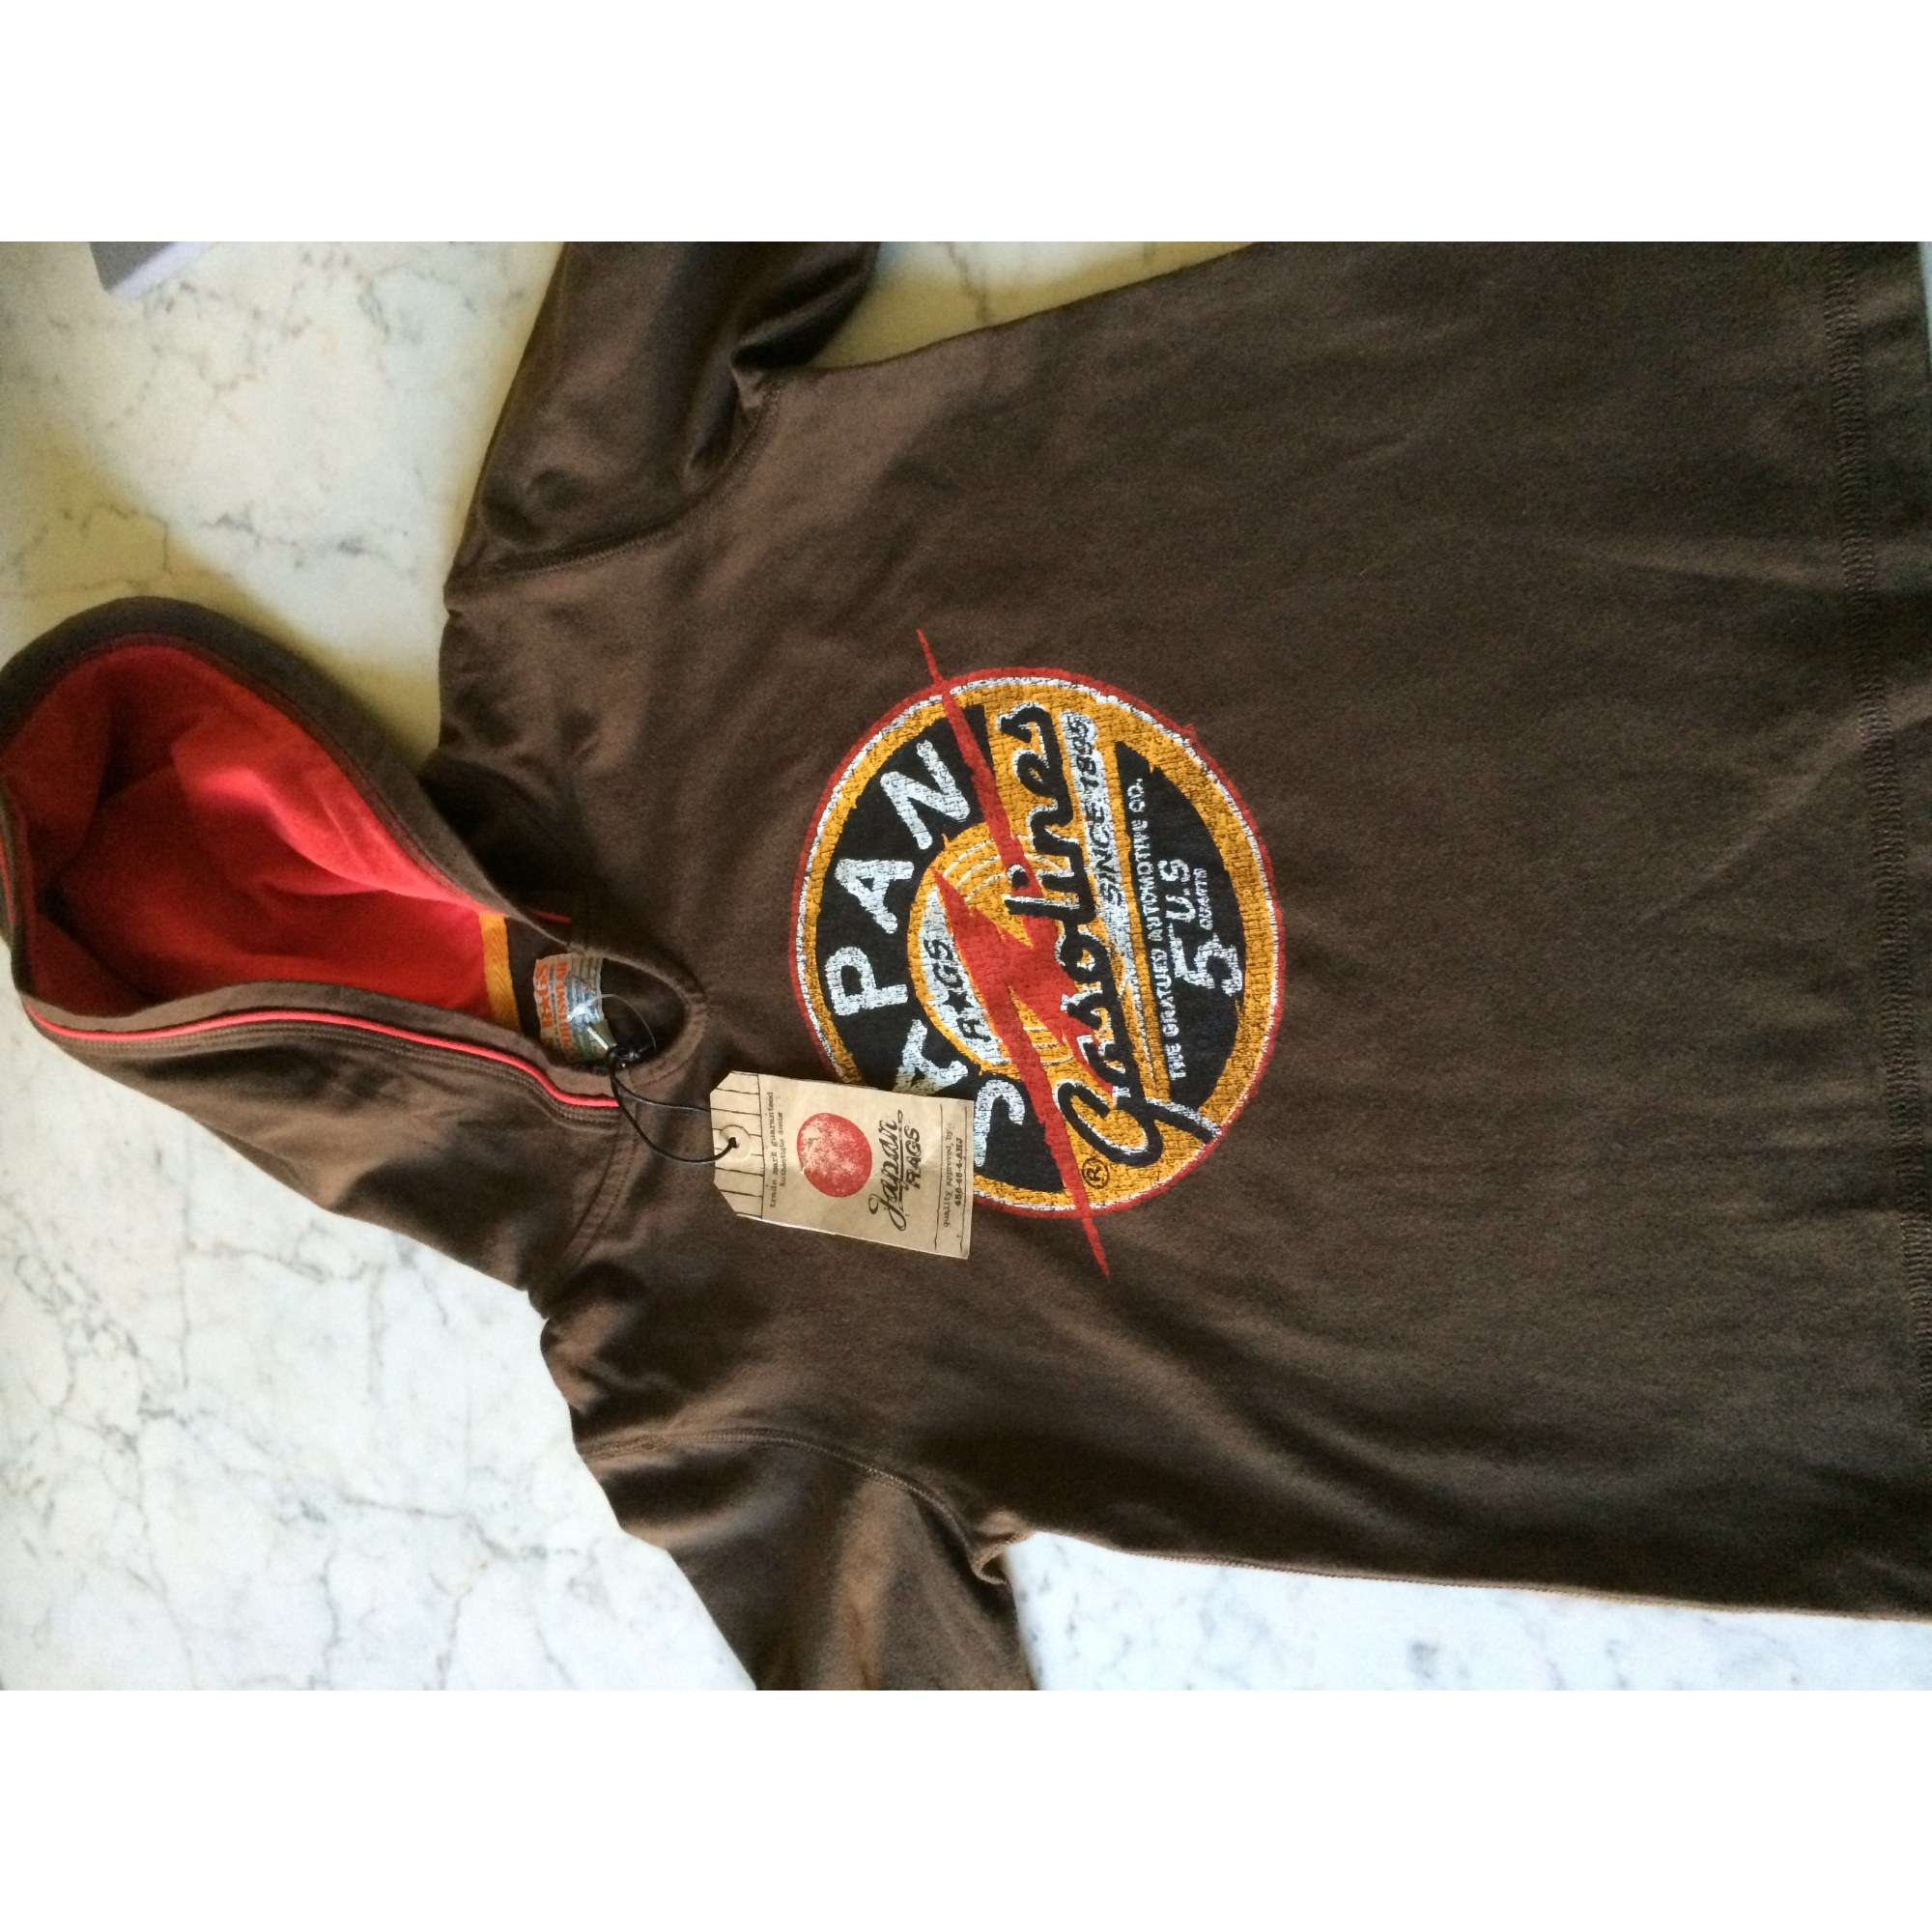 241d51d098850 Tee-shirt JAPAN RAGS LE TEMPS DES CERISES 5-6 ans marron ...